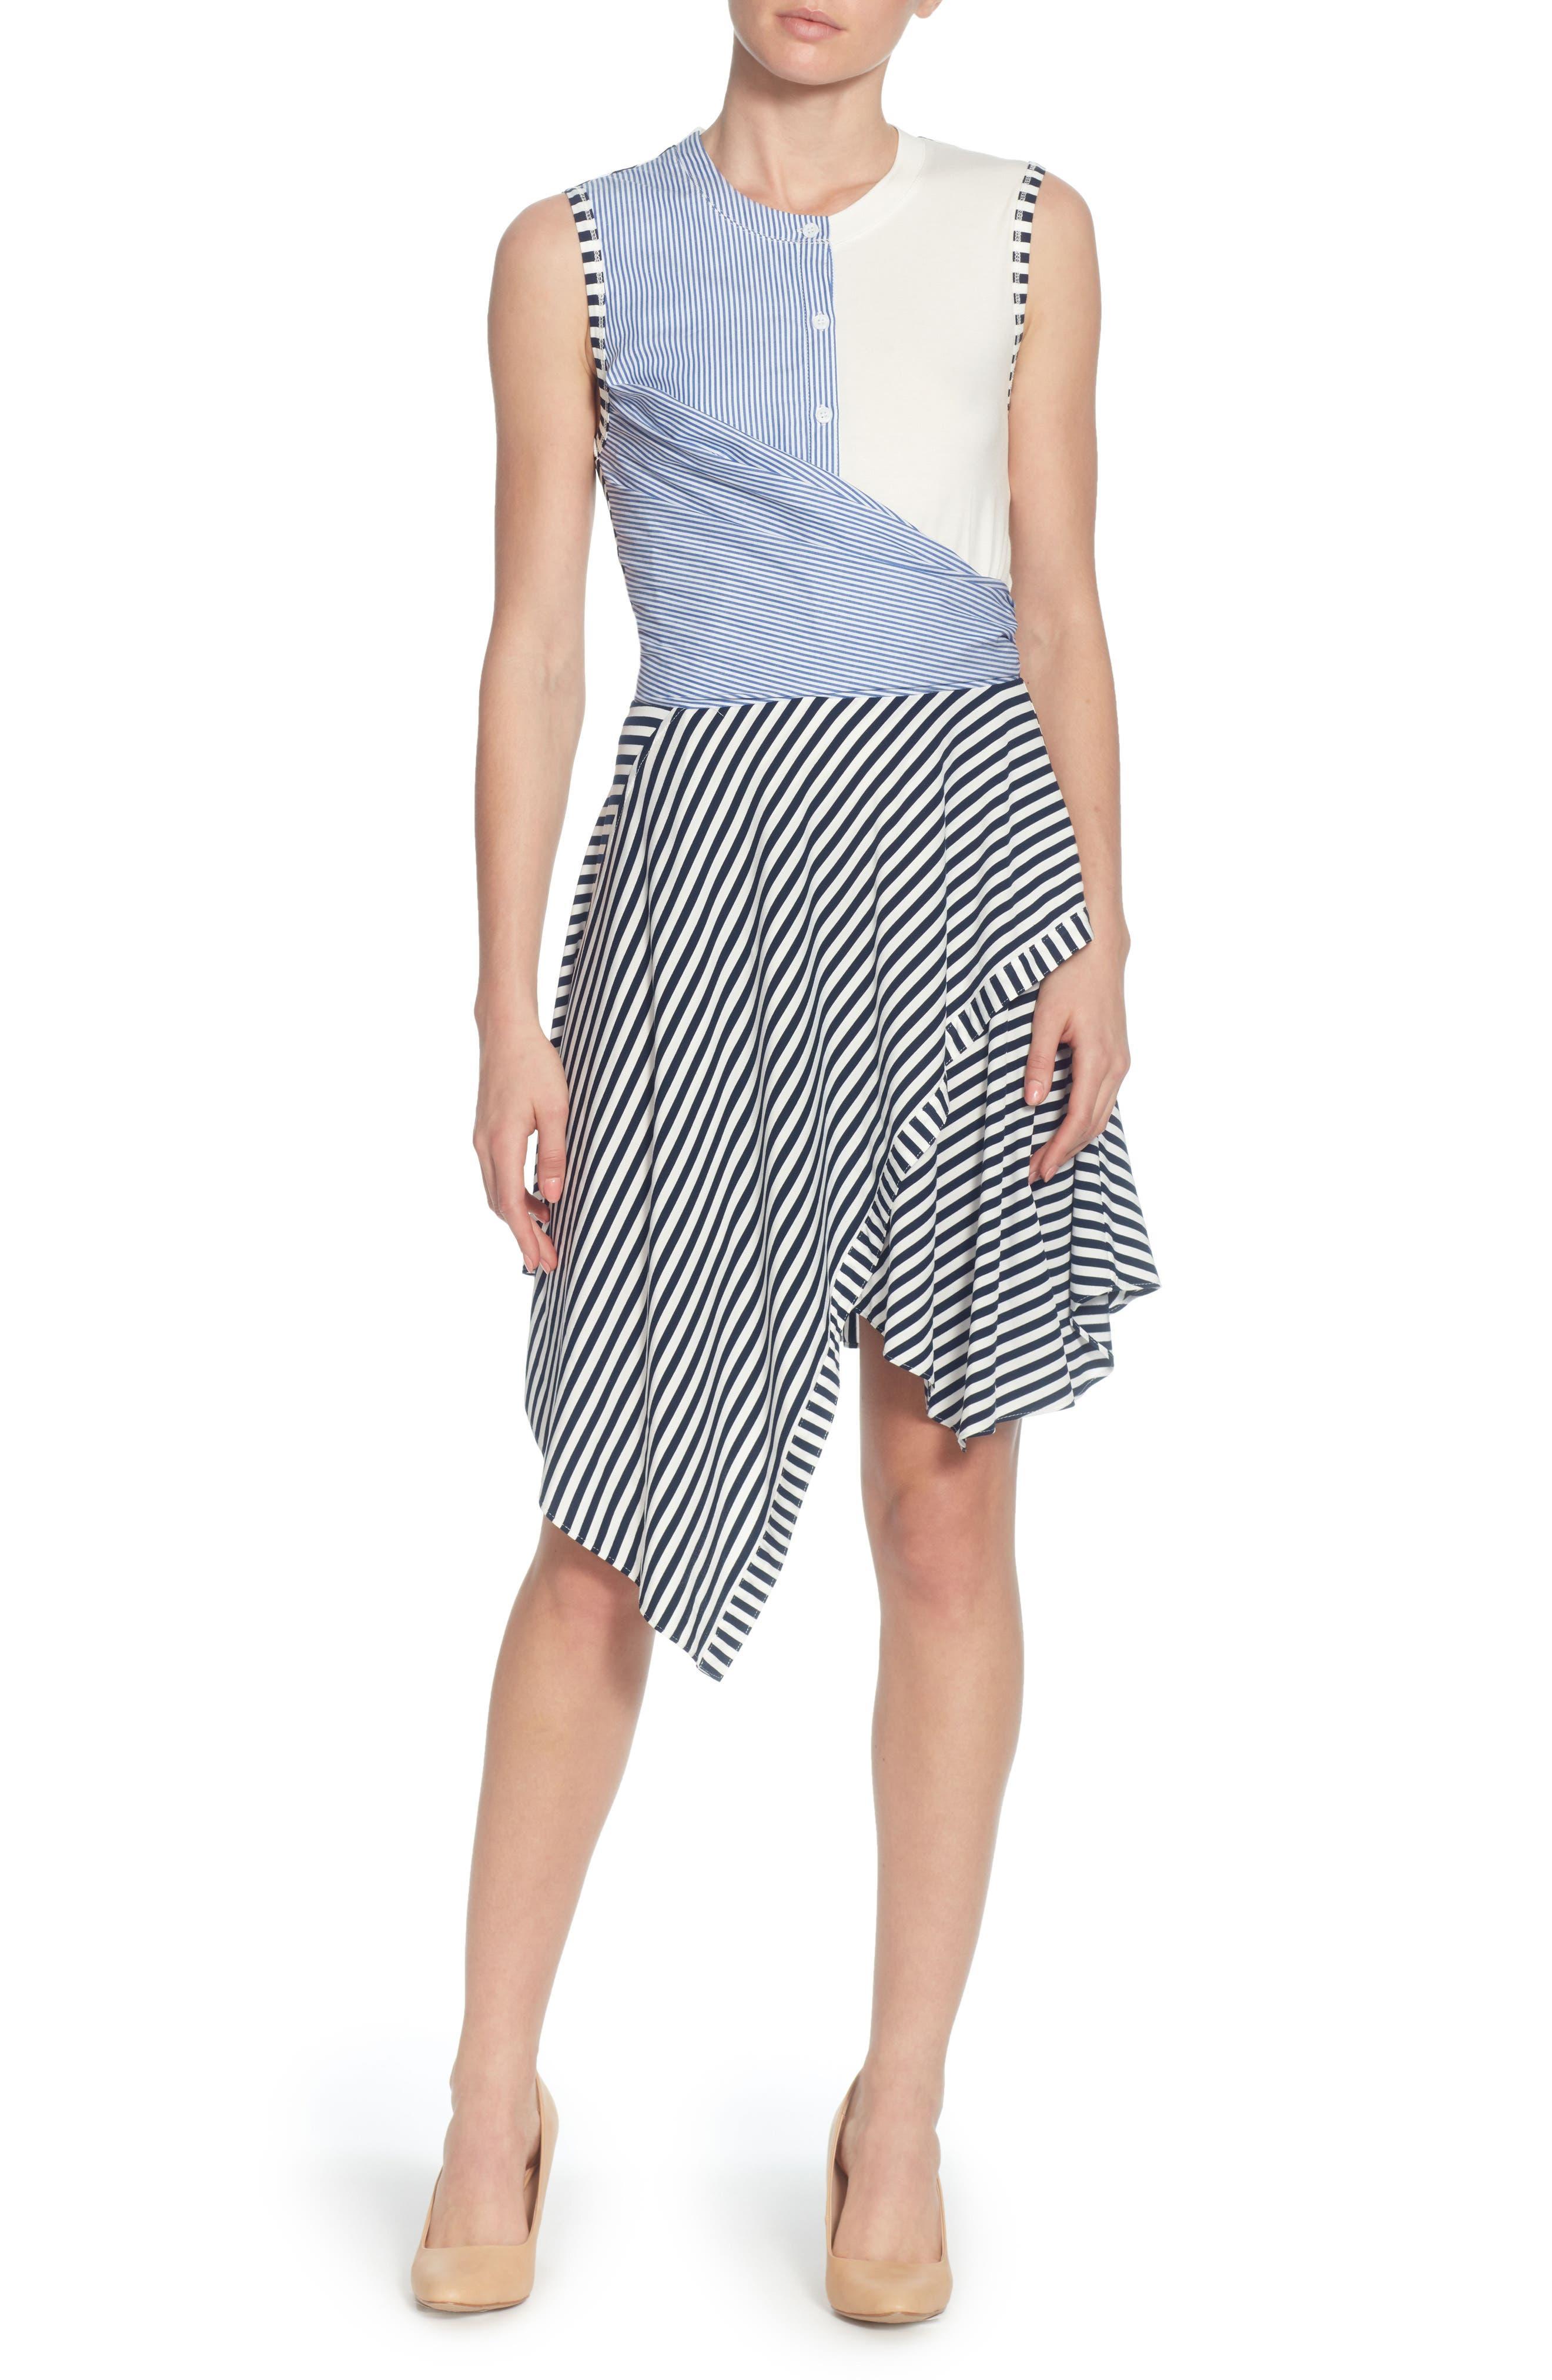 Pattern Mix Asymmetrical Stripe Dress,                         Main,                         color, Blue/ White Stripe